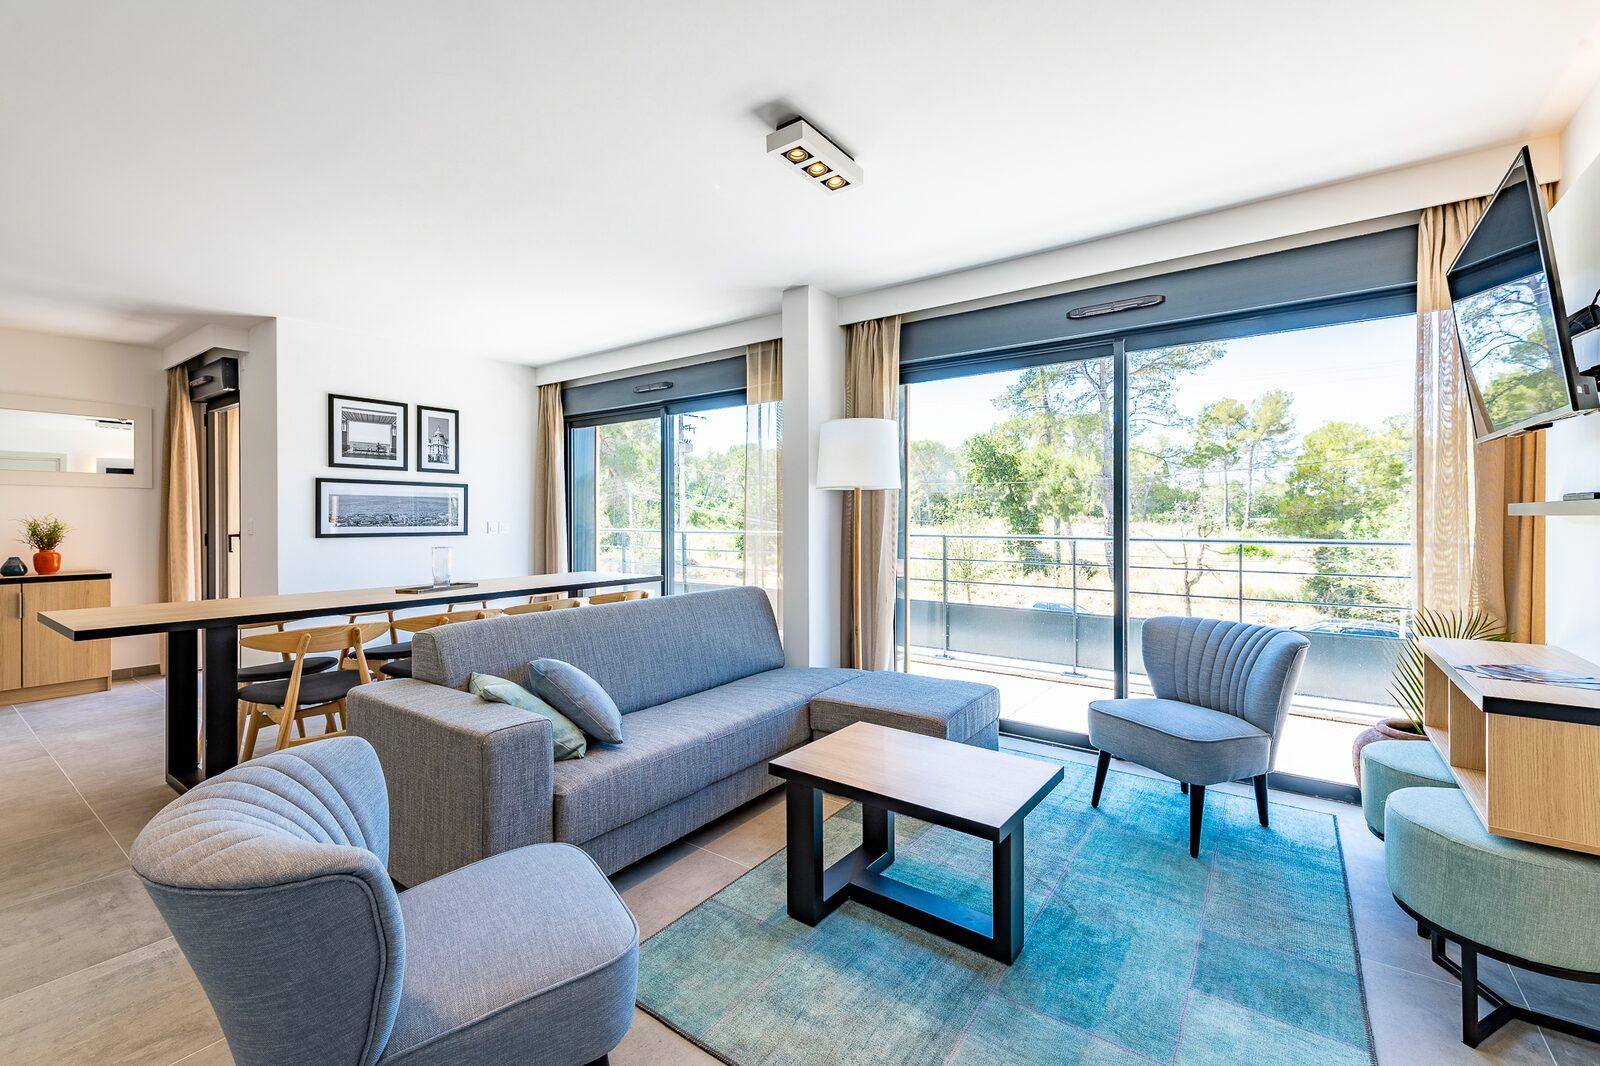 Hôtel 4 étoiles à Vence - Chambre de Evancy Les Jardins d'Azur